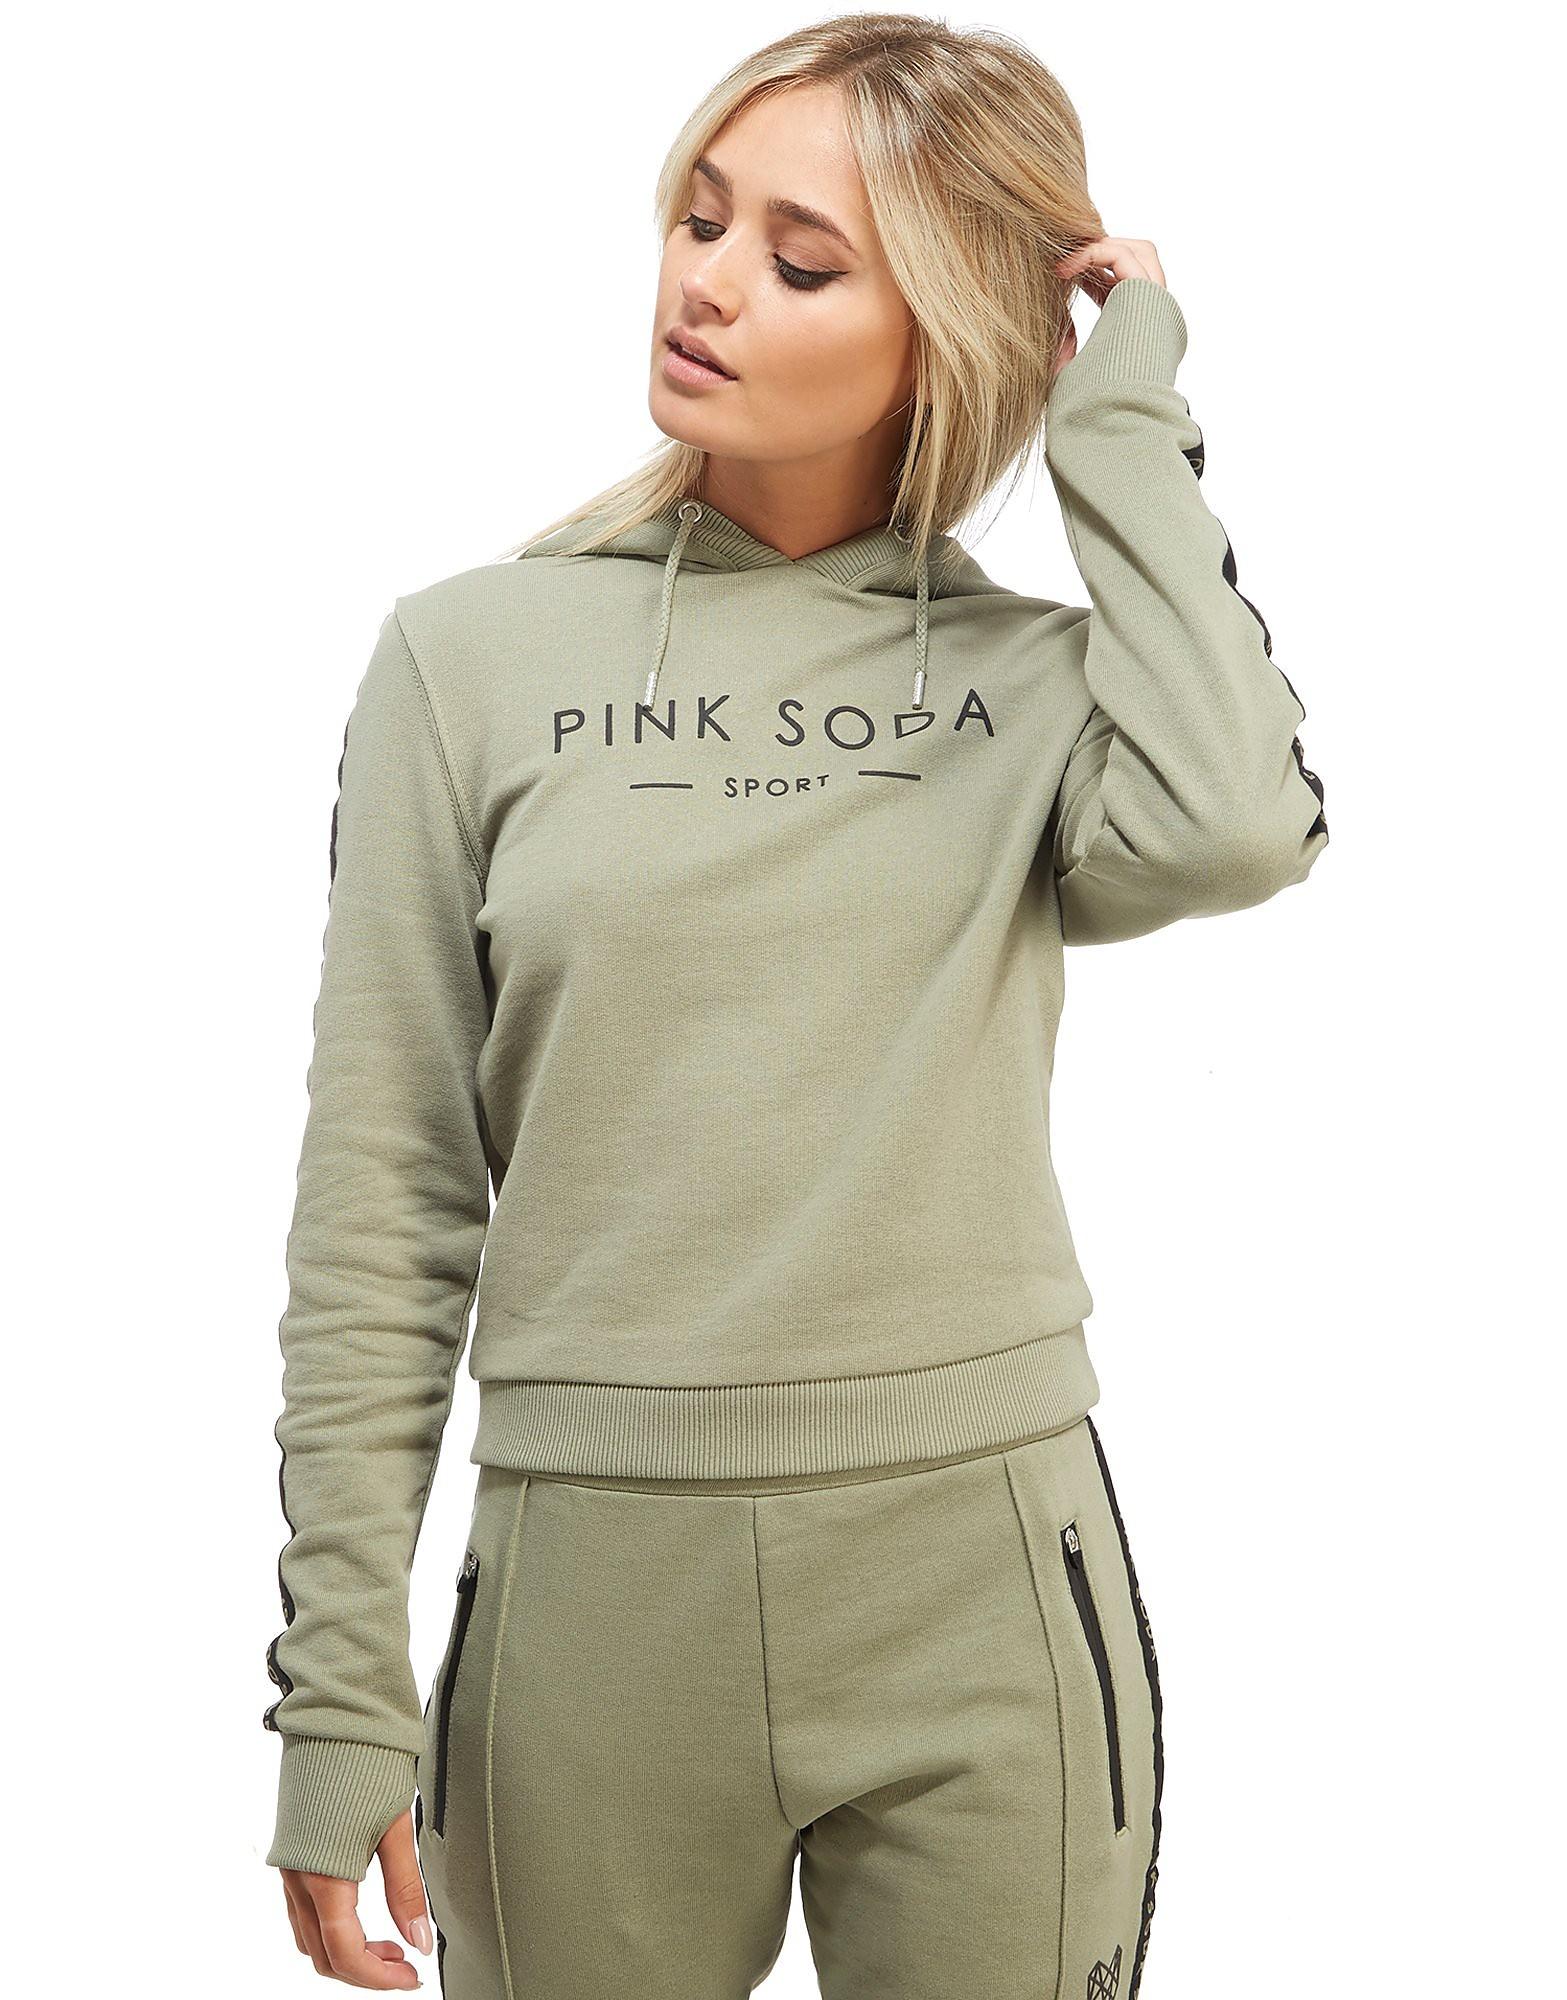 Pink Soda Sport Tape Hoody